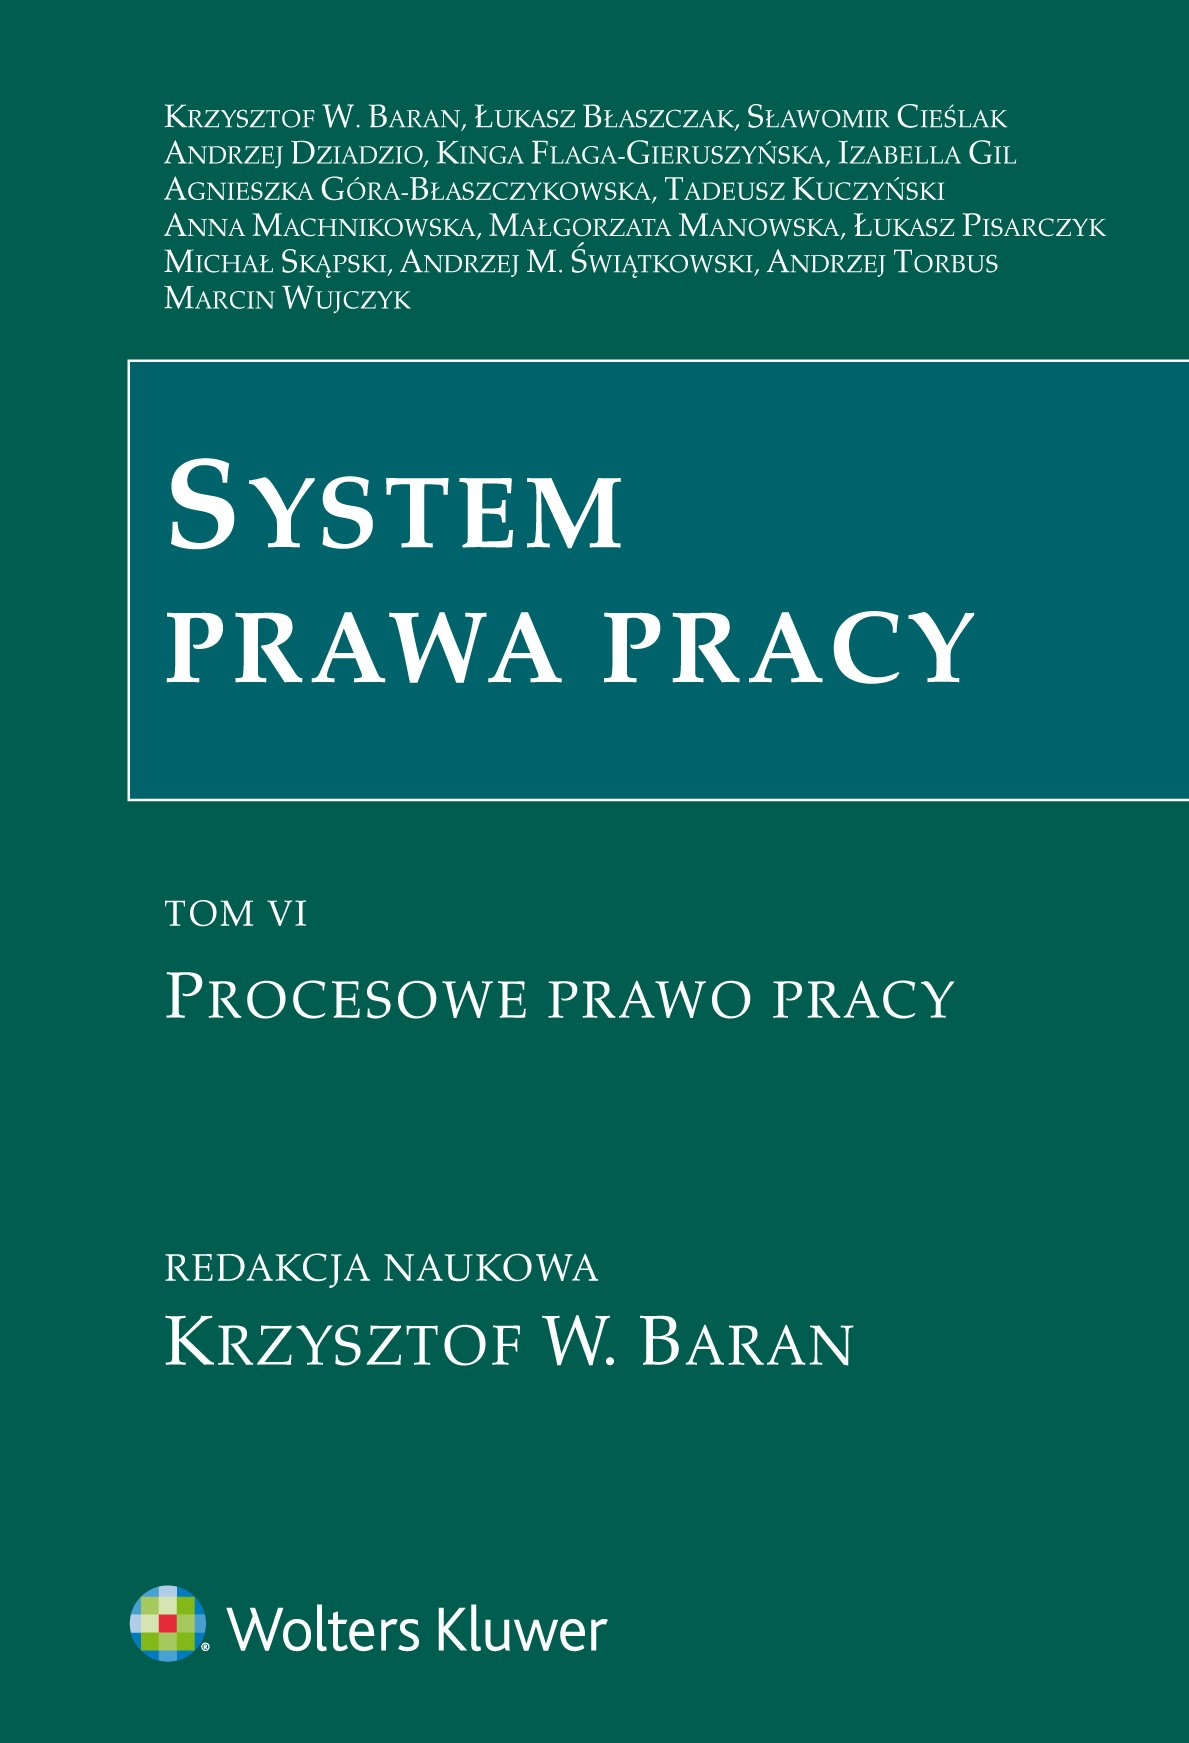 System prawa pracy. TOM VI. Procesowe prawo pracy - Ebook (Książka PDF) do pobrania w formacie PDF